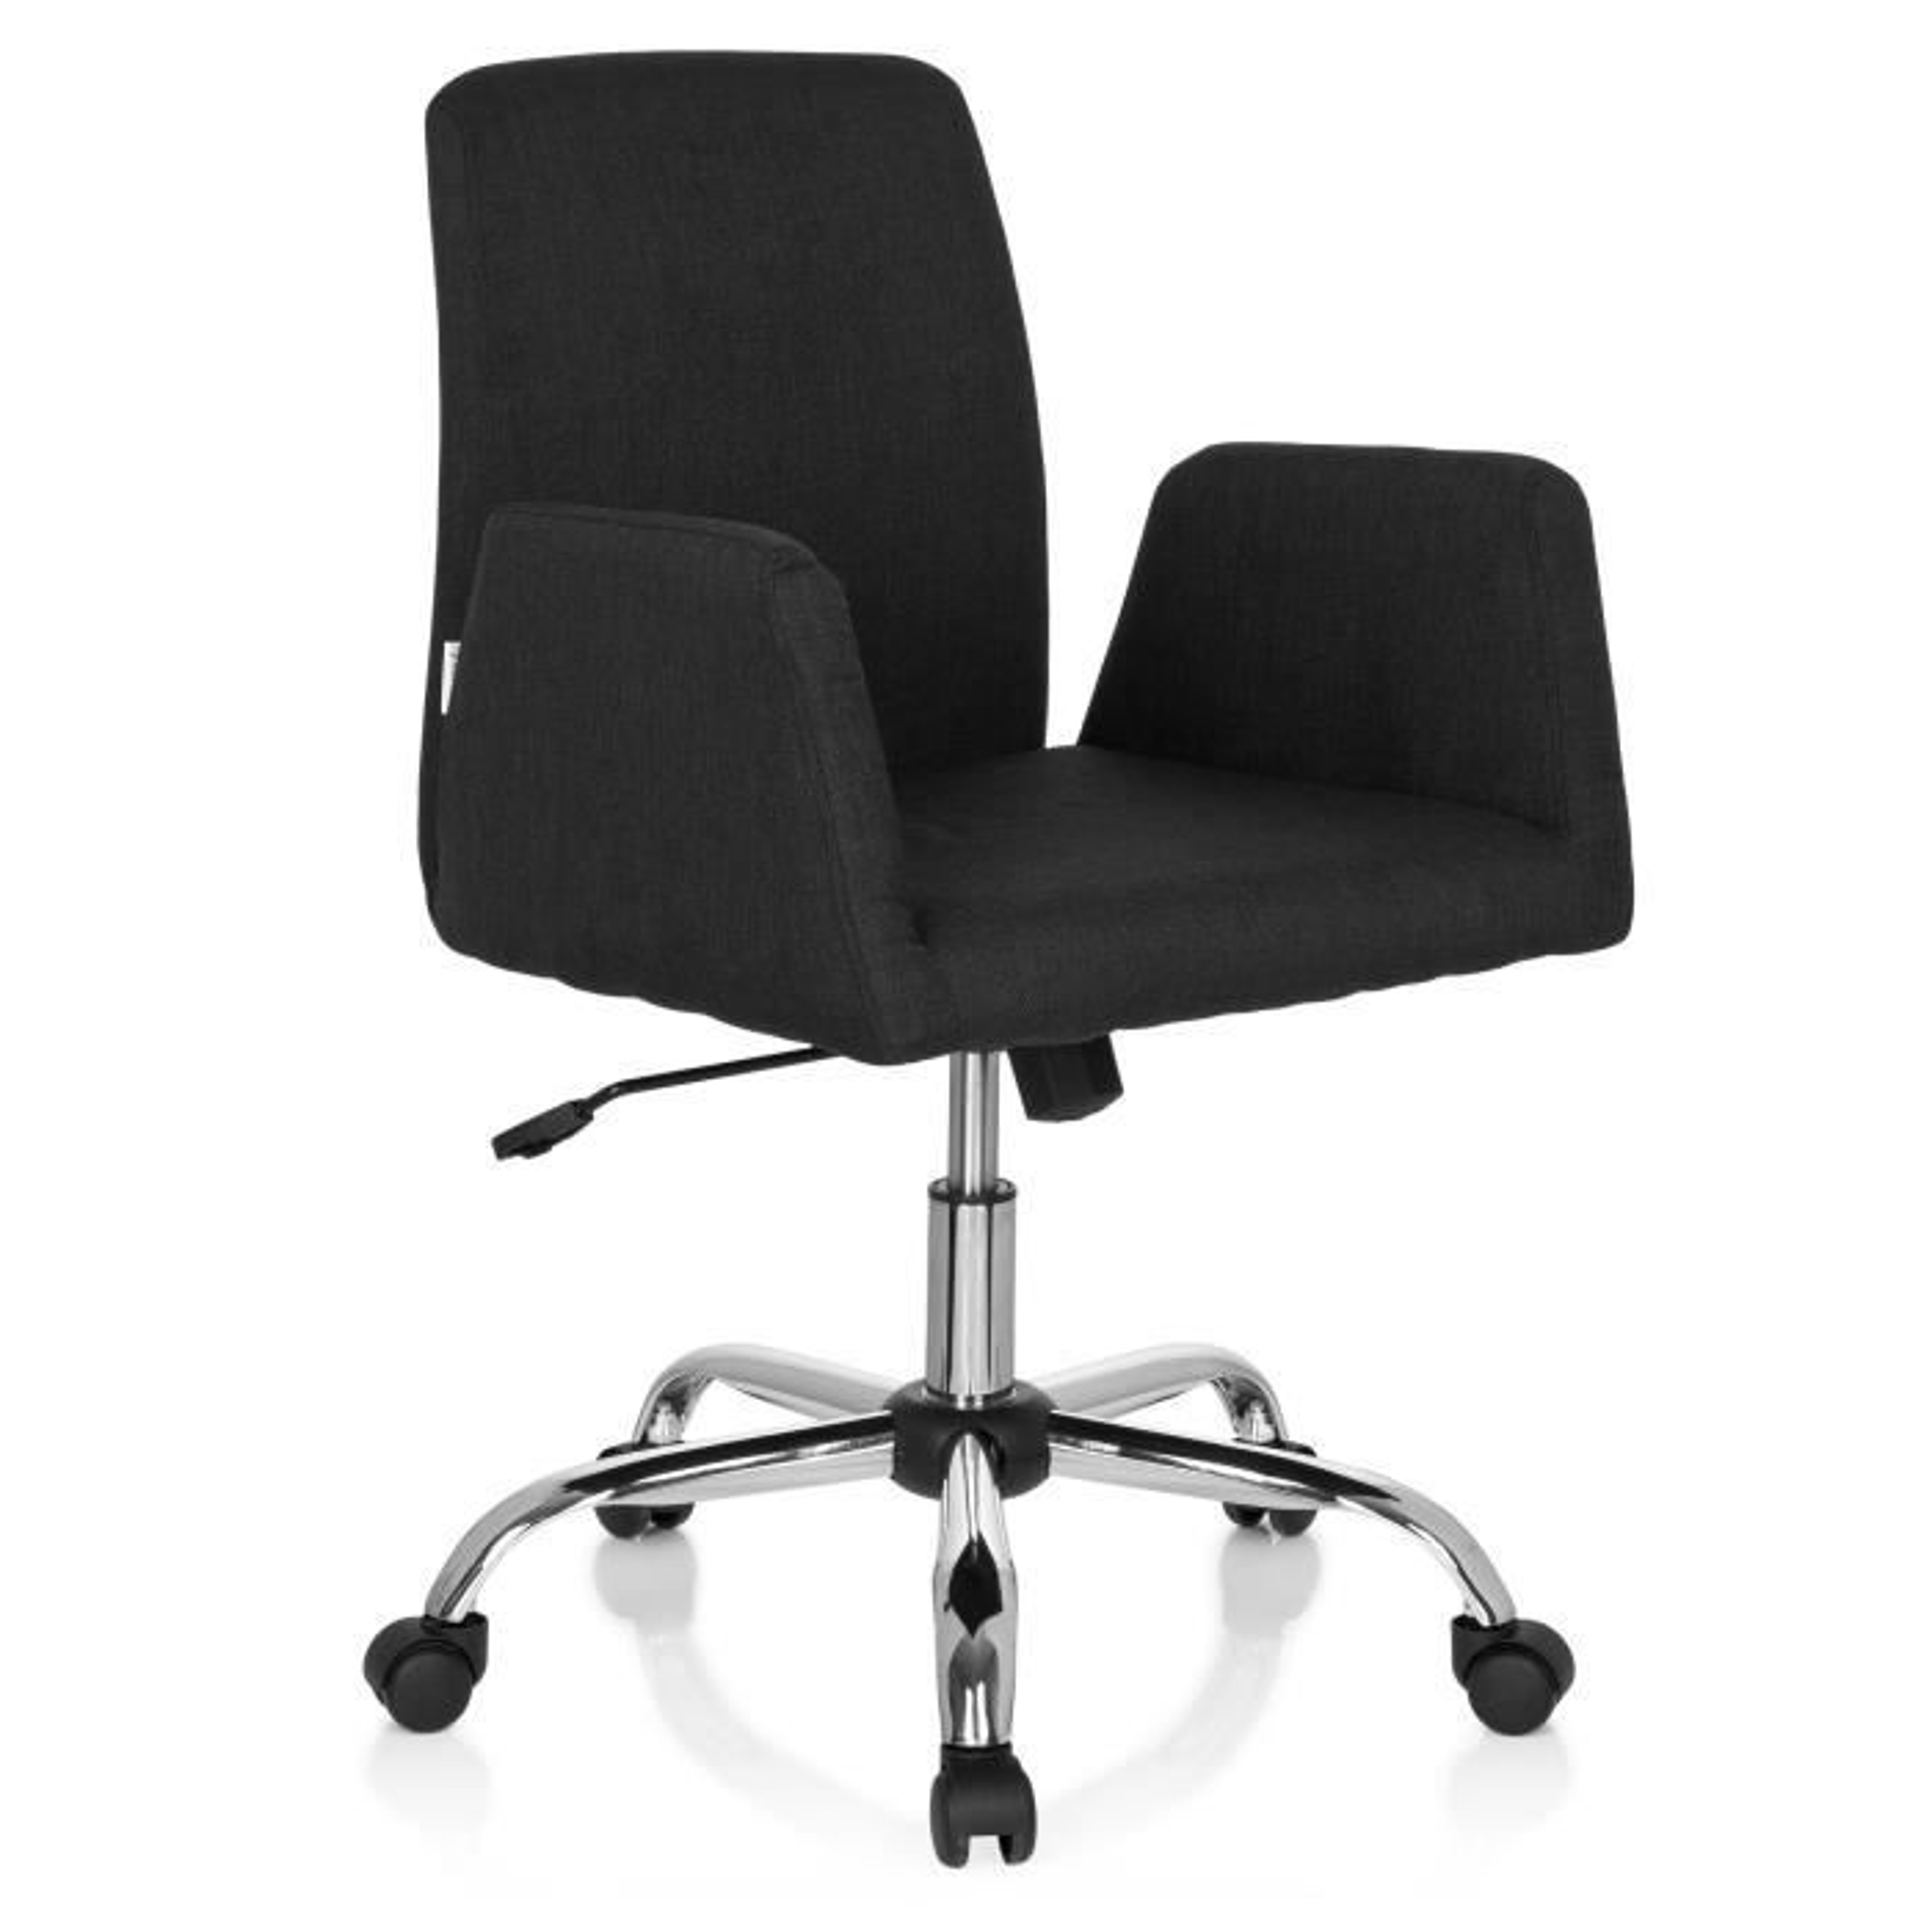 Chaise de bureau FLOW tissu noir hjh OFFICE